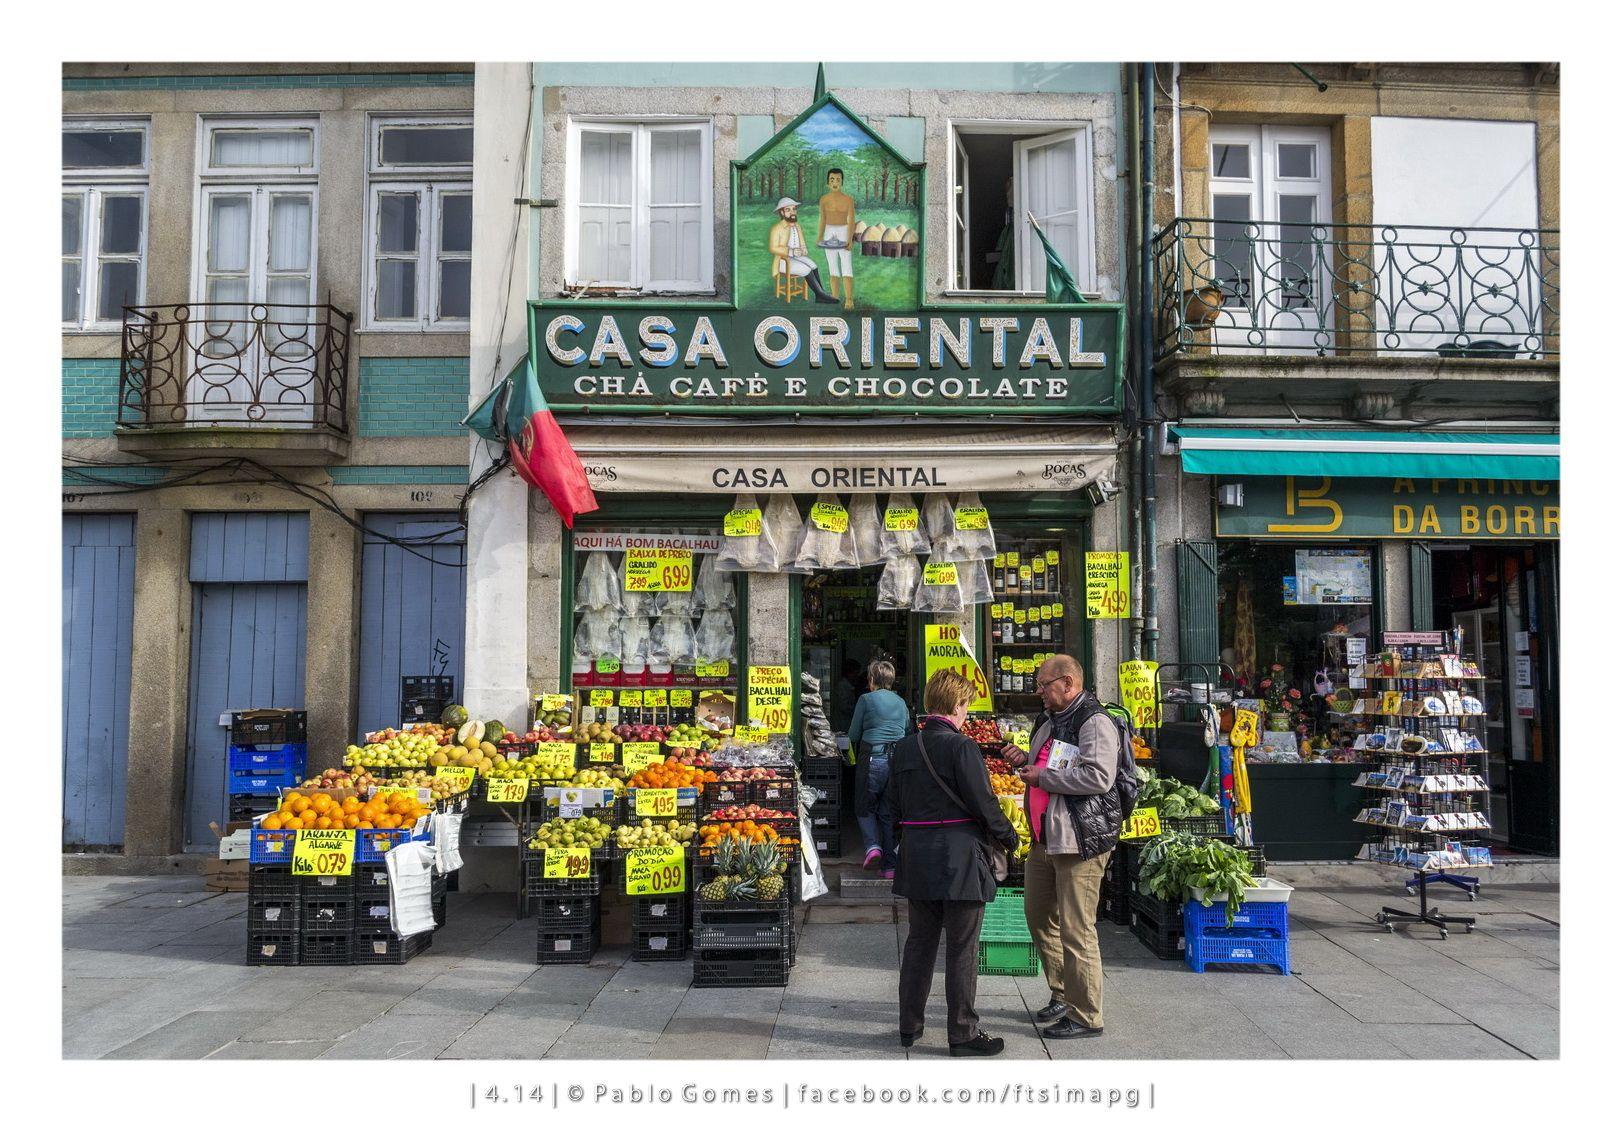 Campo Mártires da Pátria [2014 - Porto / Oporto - Portugal] #fotografia #fotografias #photography #foto #fotos #photo #photos #local #locais #locals #cidade #cidades #ciudad #ciudades #city #cities #europa #europe #baixa #baja #downtown @Visit Portugal @ePortugal @WeBook Porto @OPORTO COOL @Oporto Lobers